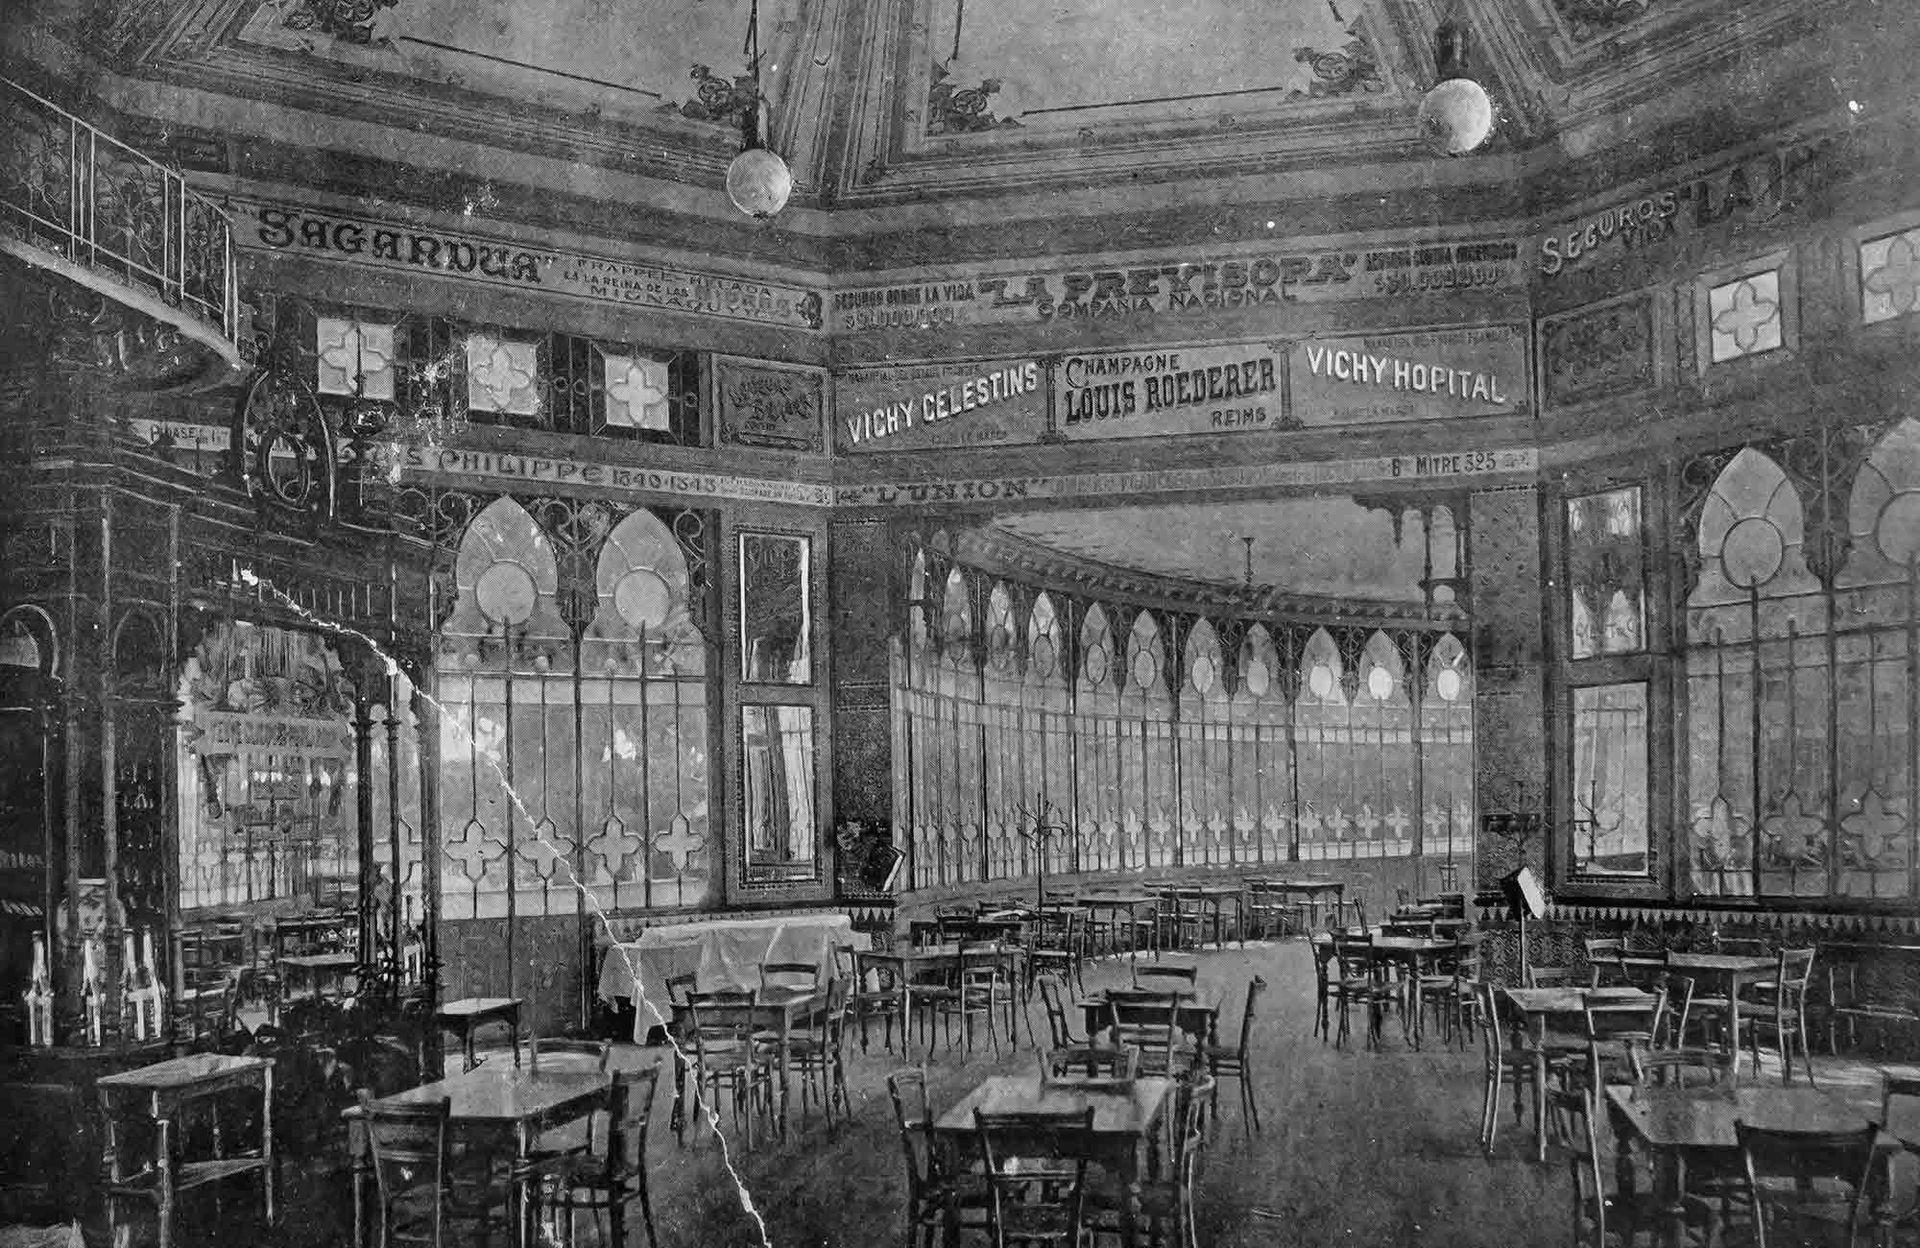 Una de las salas interiores del edificio.